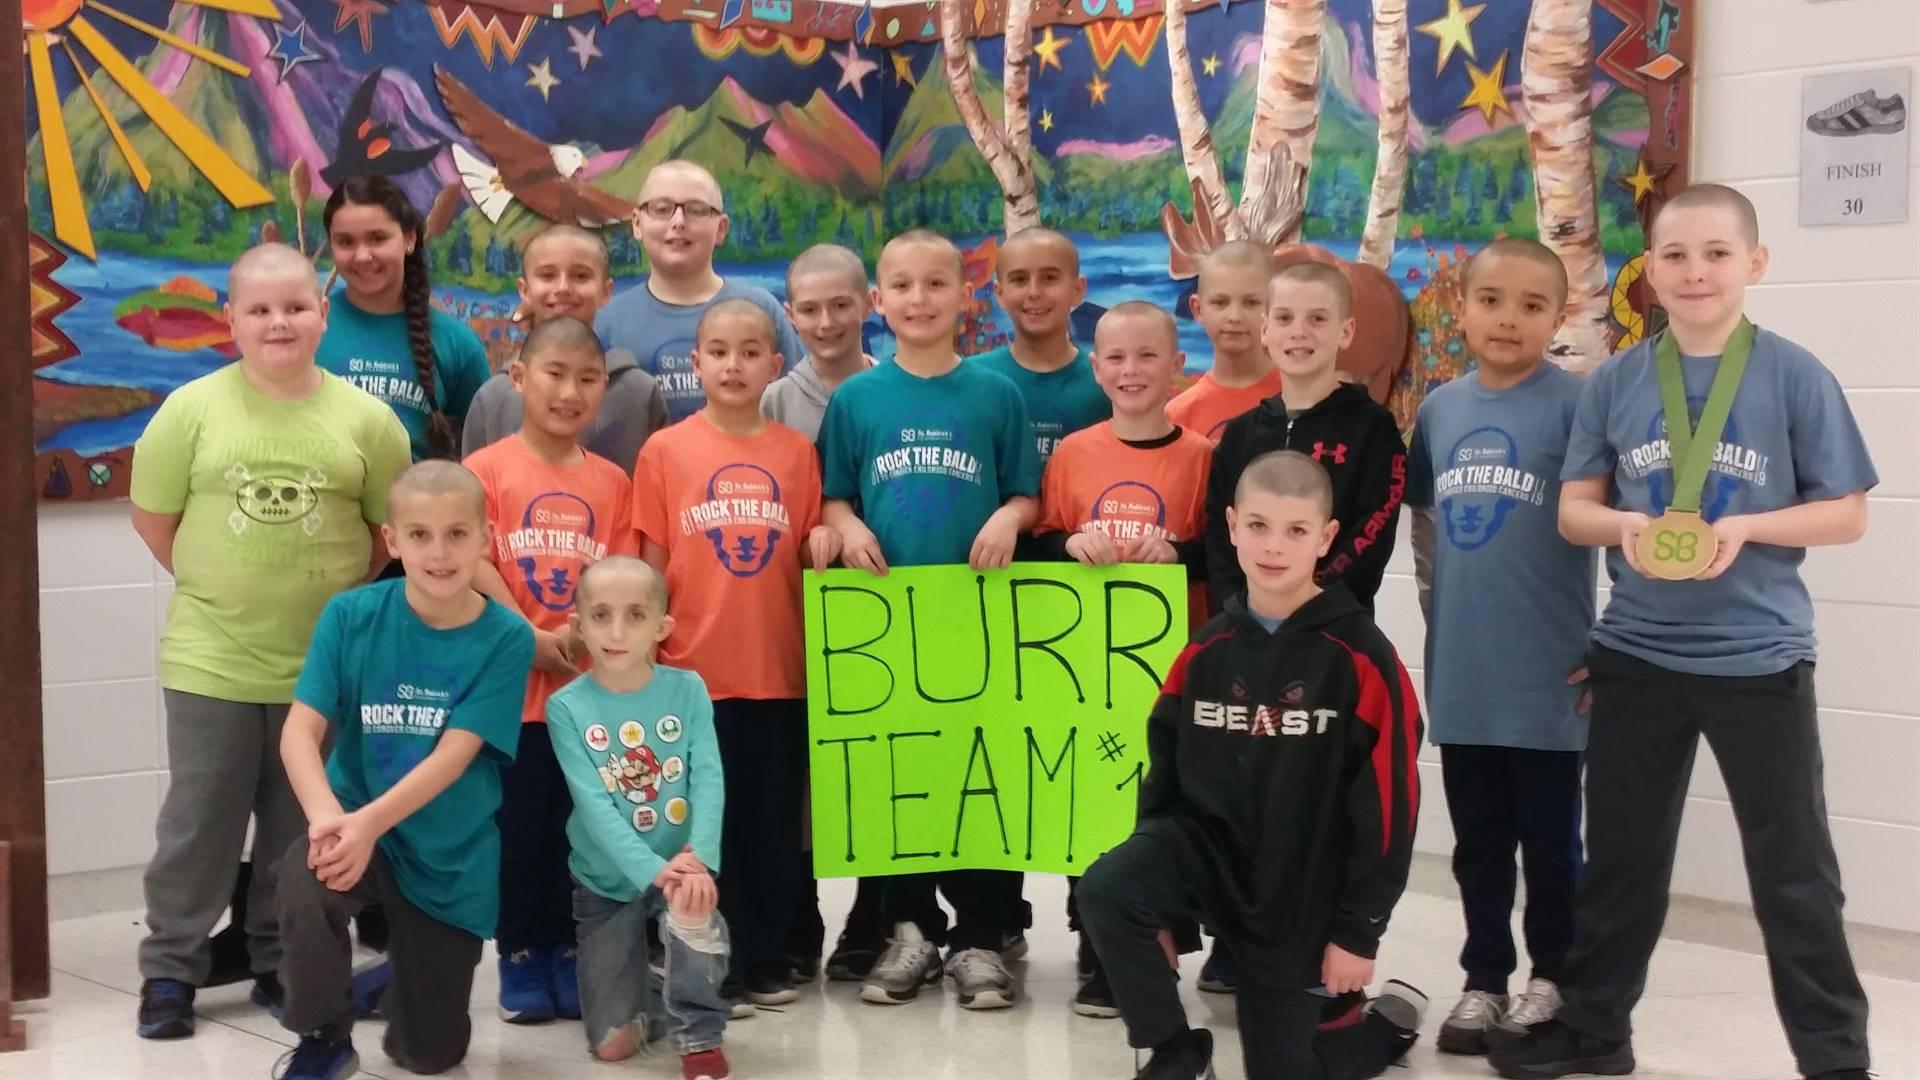 Burr Team for St. Baldricks